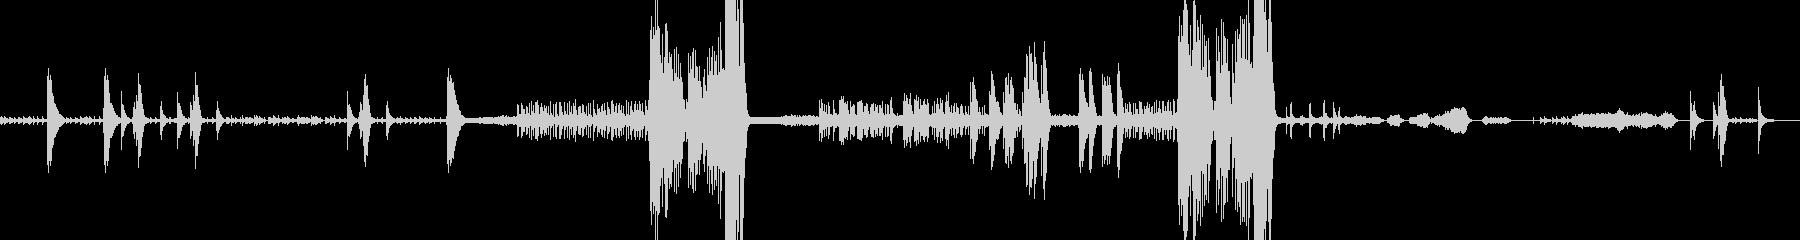 ビブラフォン・弦と打楽器のアンサンブルの未再生の波形